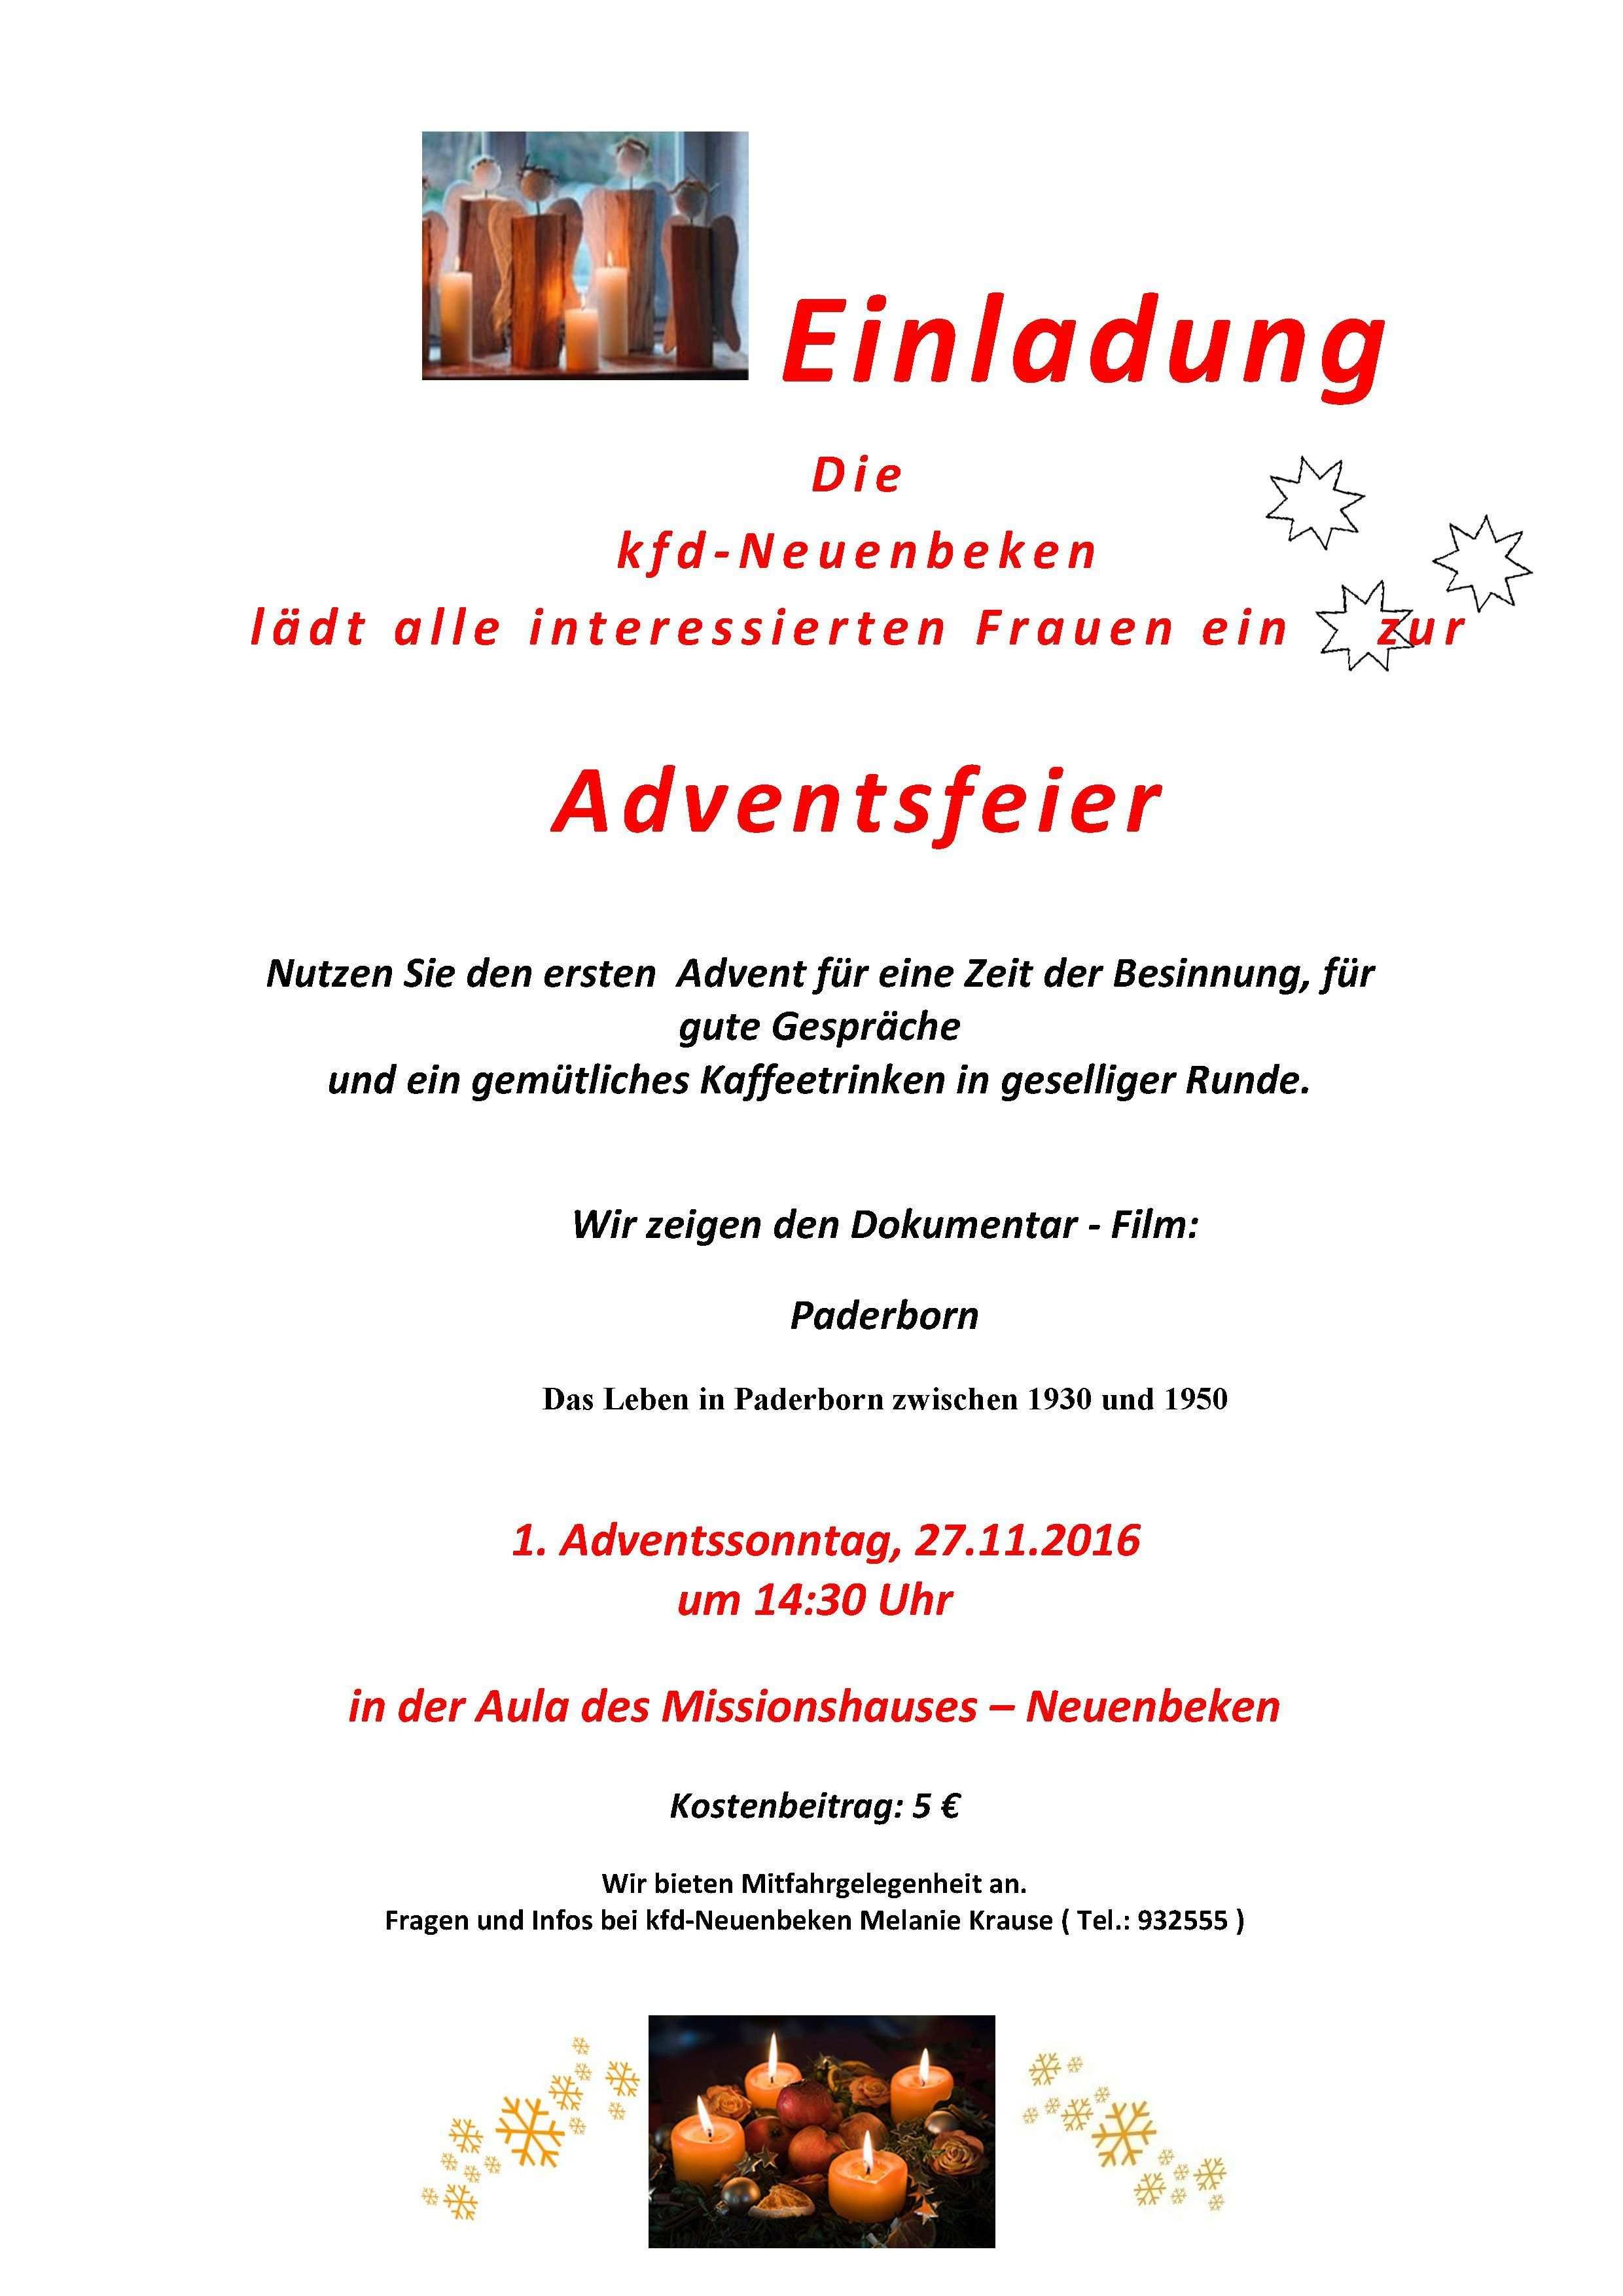 Einladung Adventsfeier Text Einladung Text Einladung Geburtstag